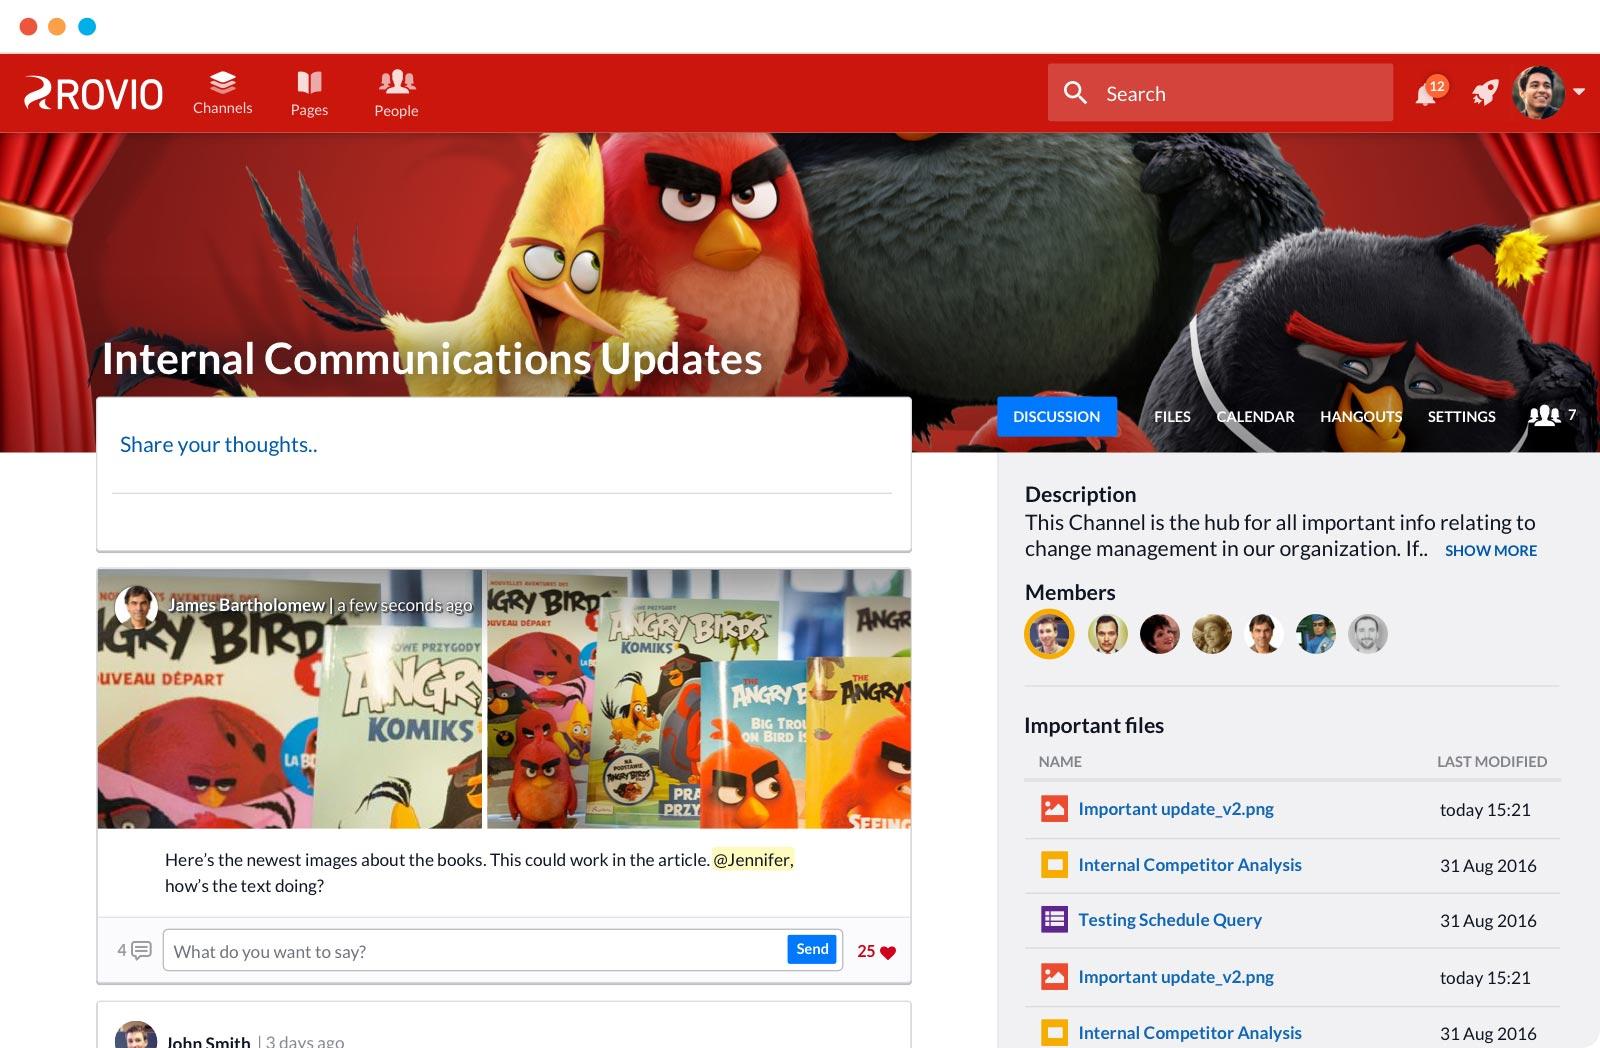 Rovio Screenshot